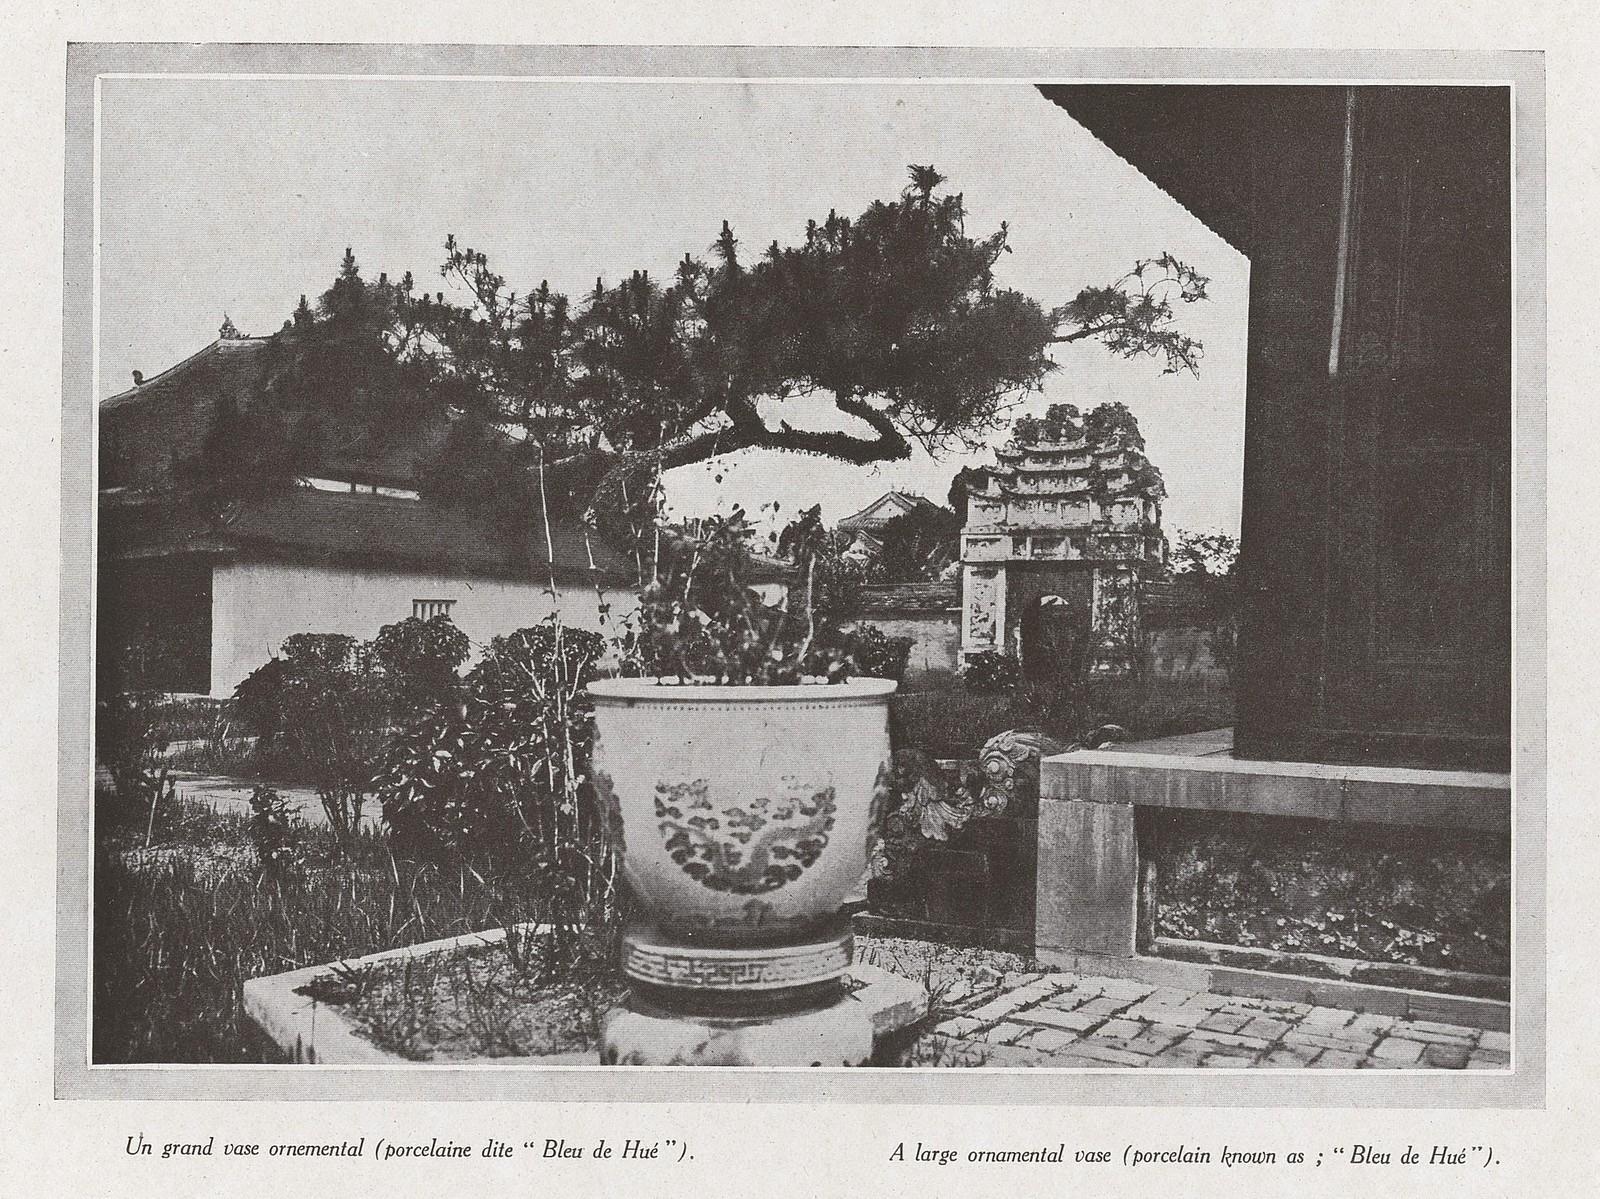 Ảnh cực quý về Hoàng thành Huế năm 1919 Ảnh 13